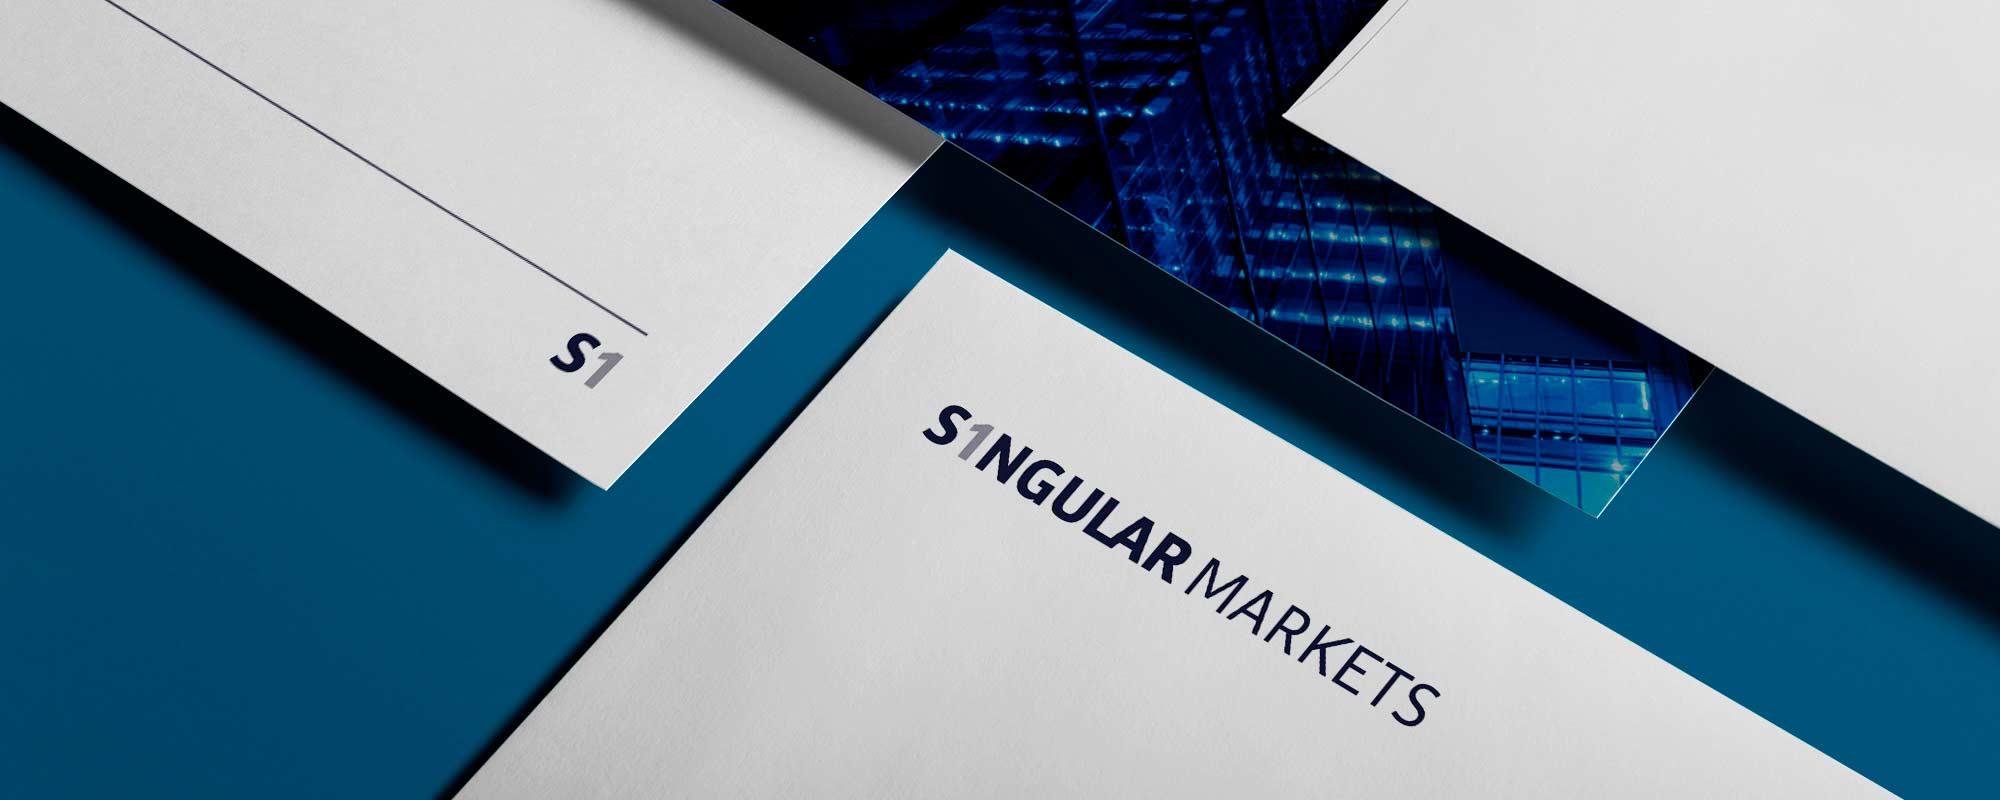 Papelería corporativa de la marca Singular Markets